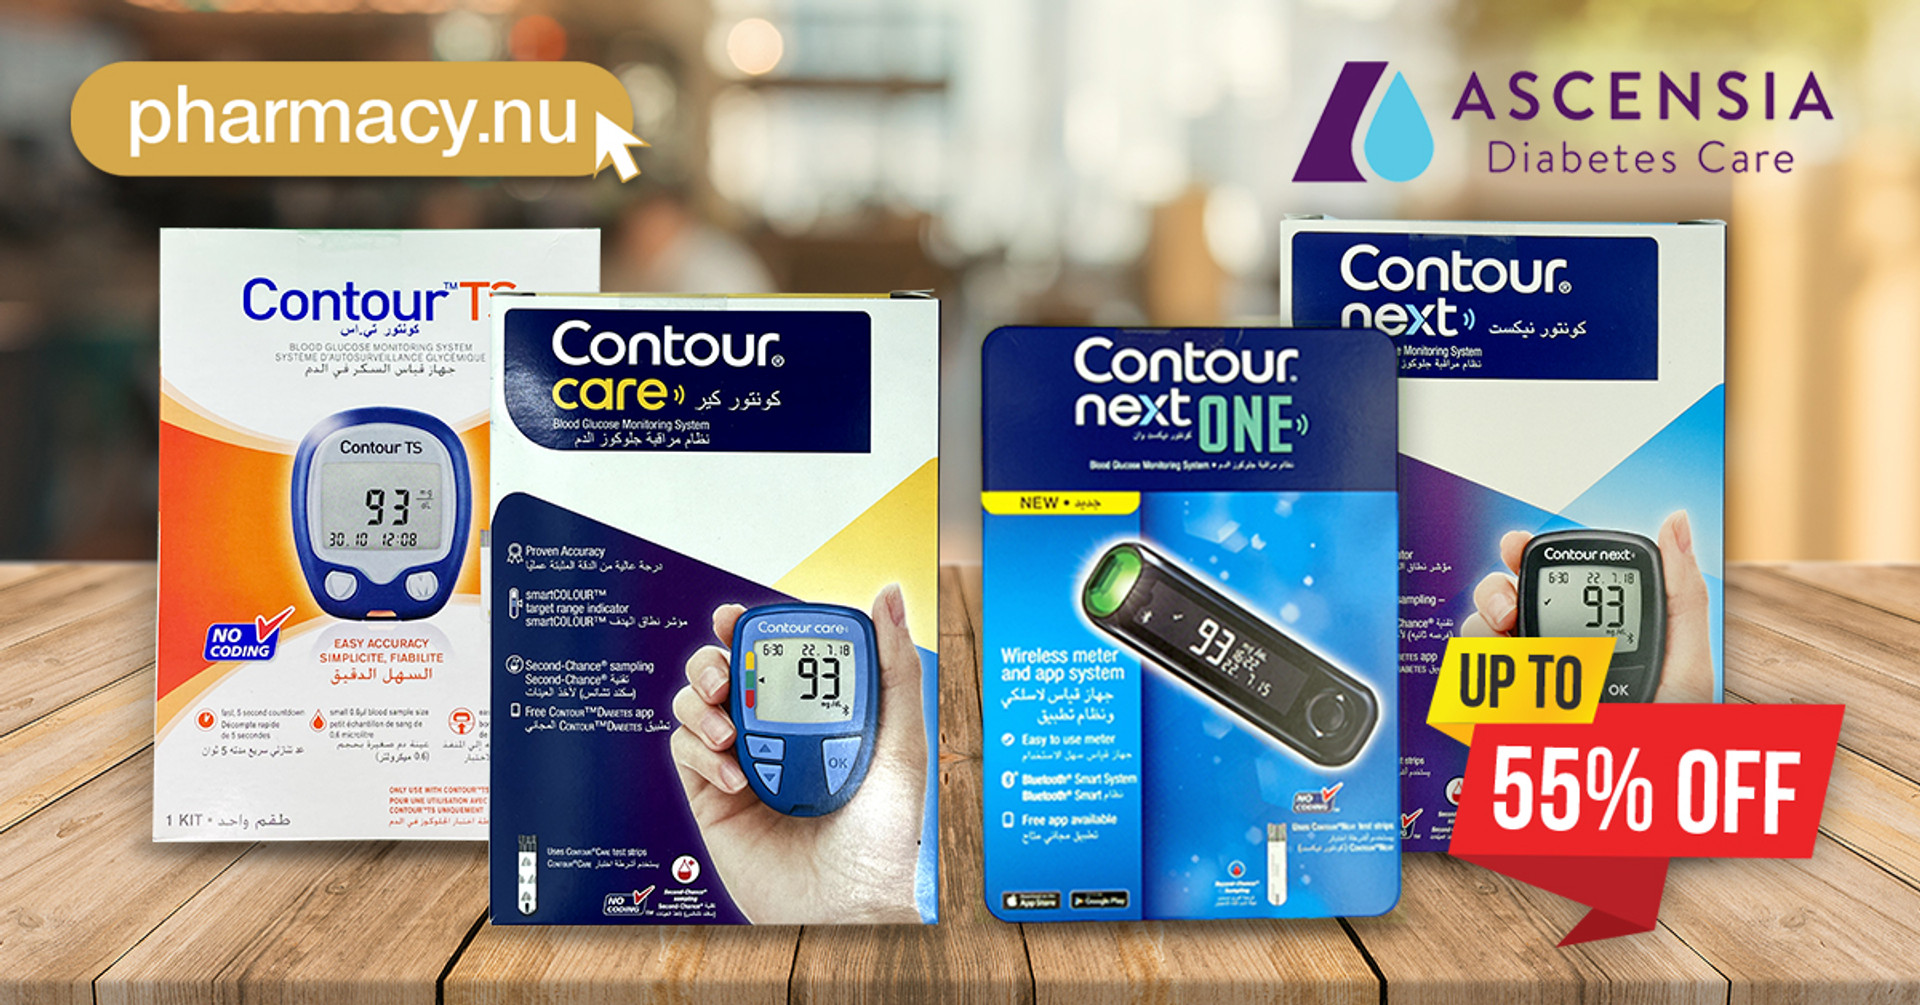 Ascensia Contour Blood Glucose Monitors are upto 55% Off